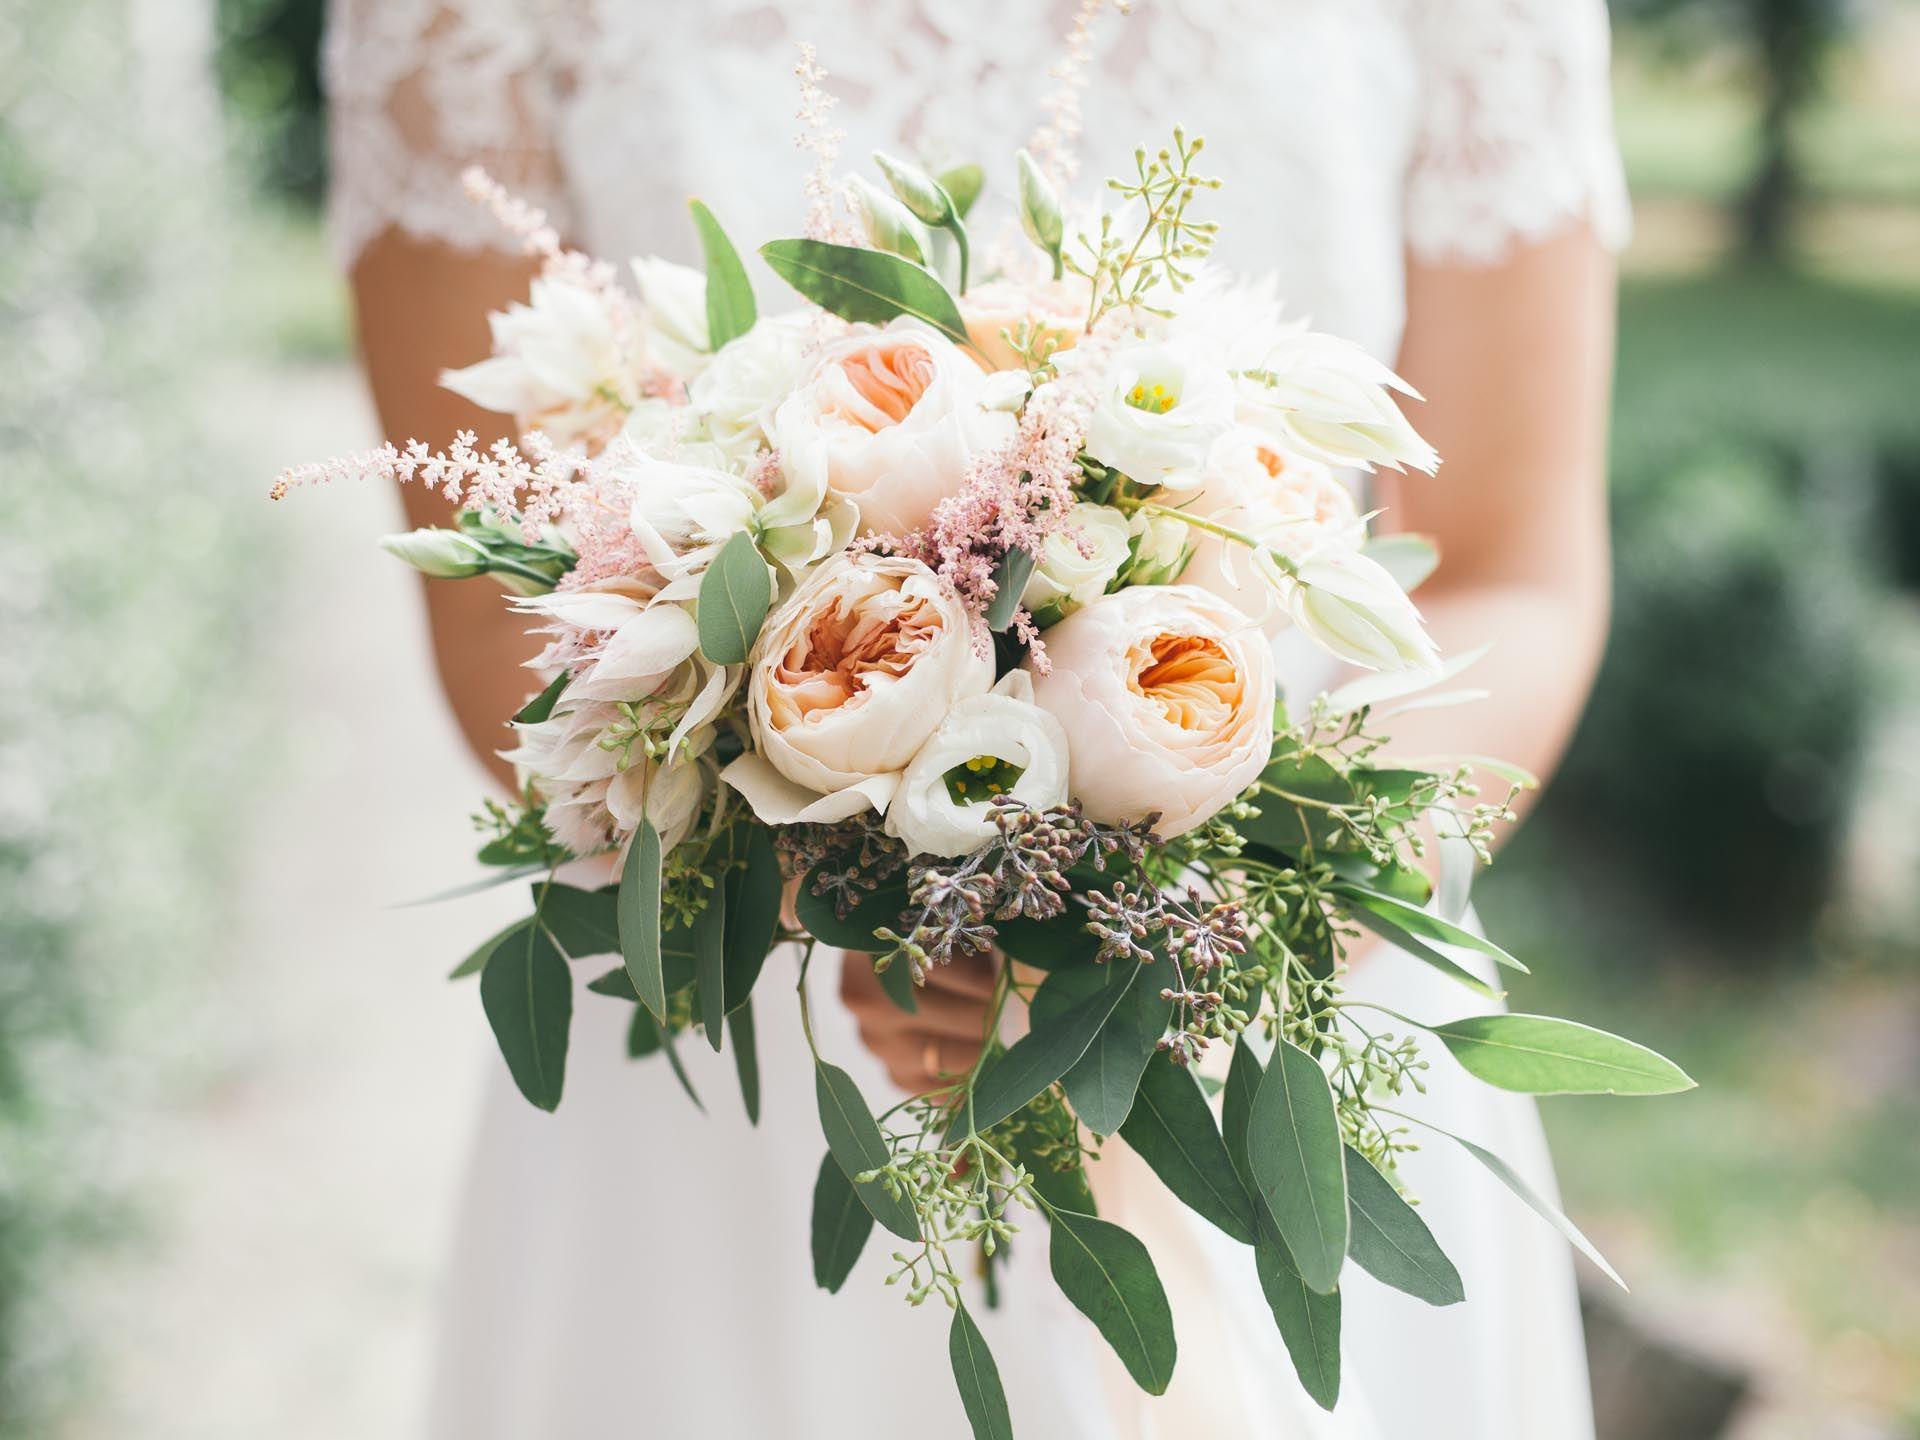 Brautstraussgalerie Finde Den Perfekten Brautstrauss Blumenstrauss Hochzeit Brautstrausse Brautstrauss